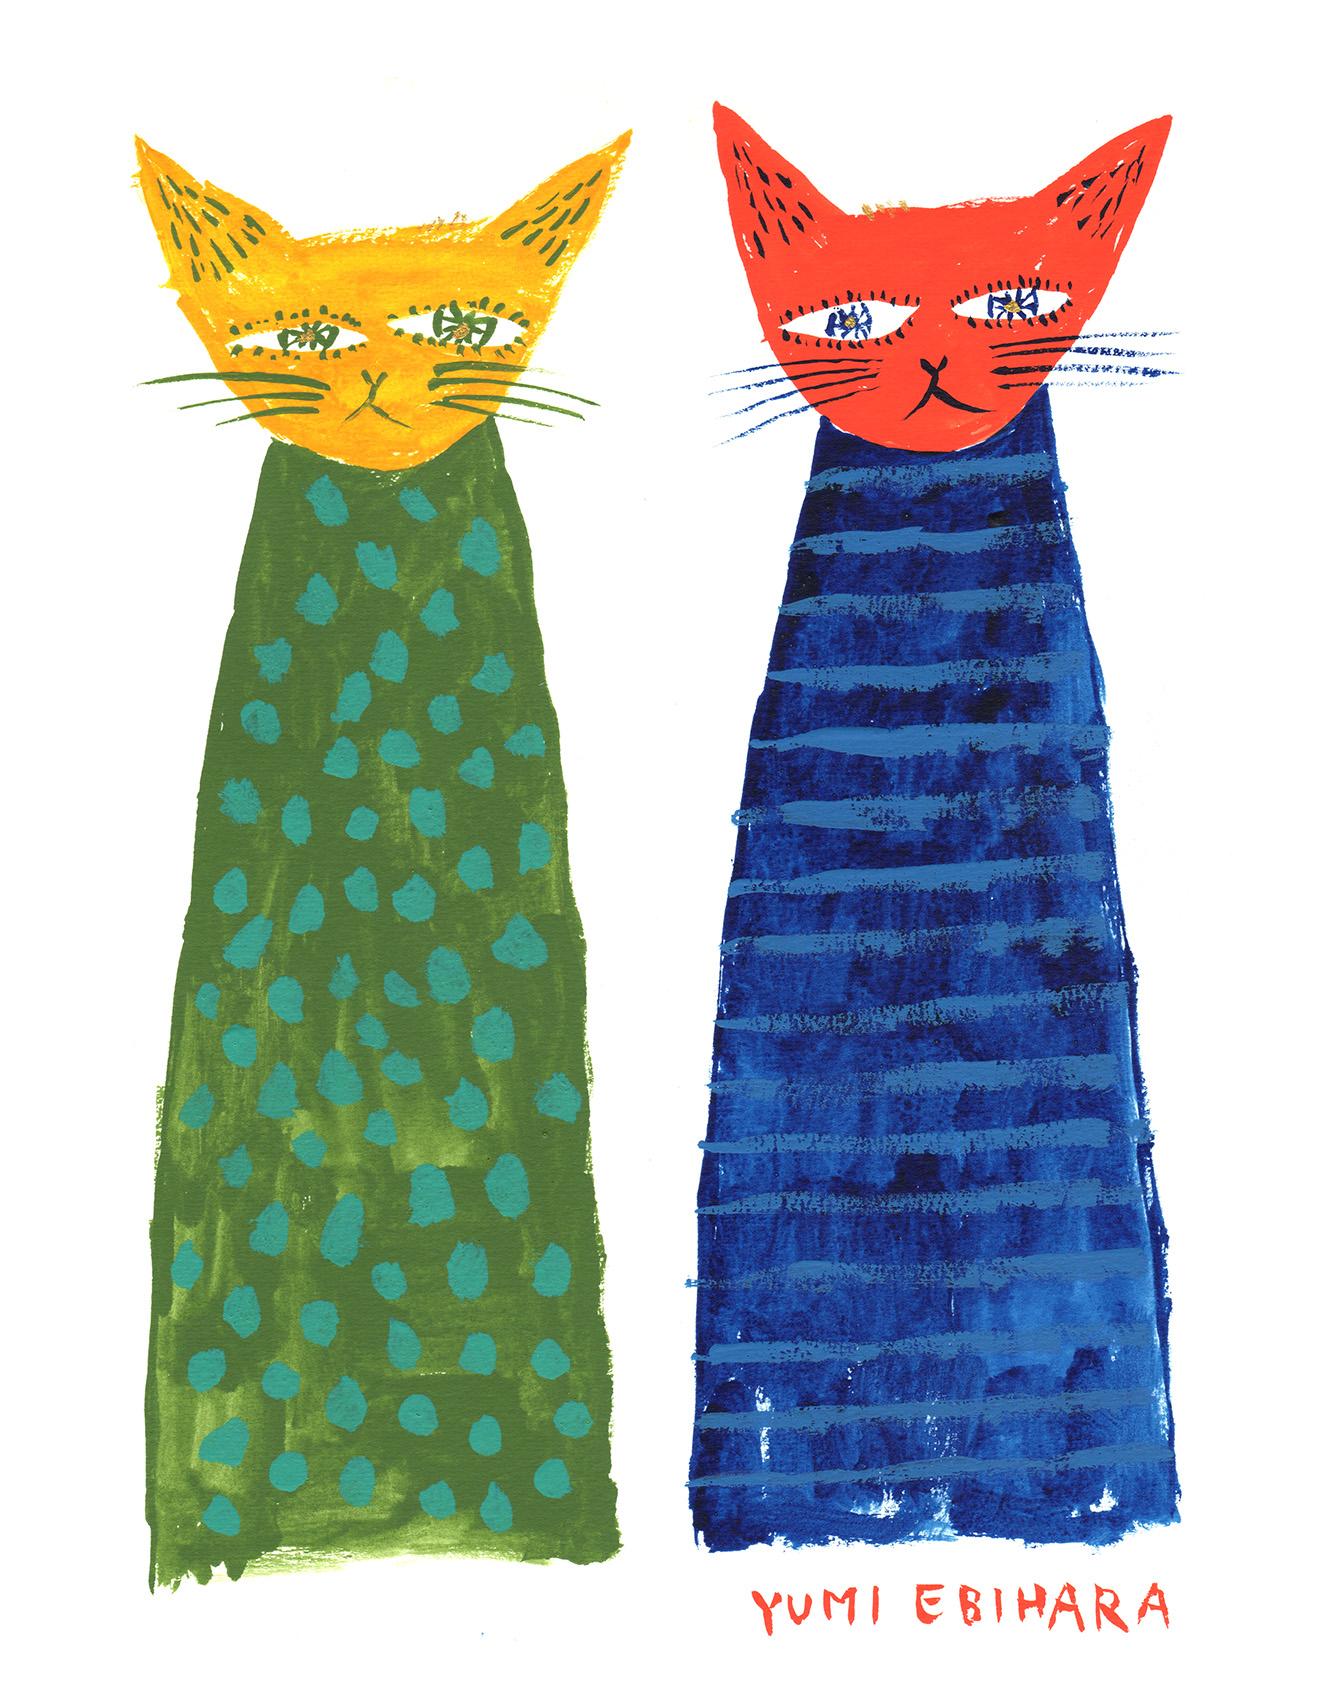 二匹の猫_150